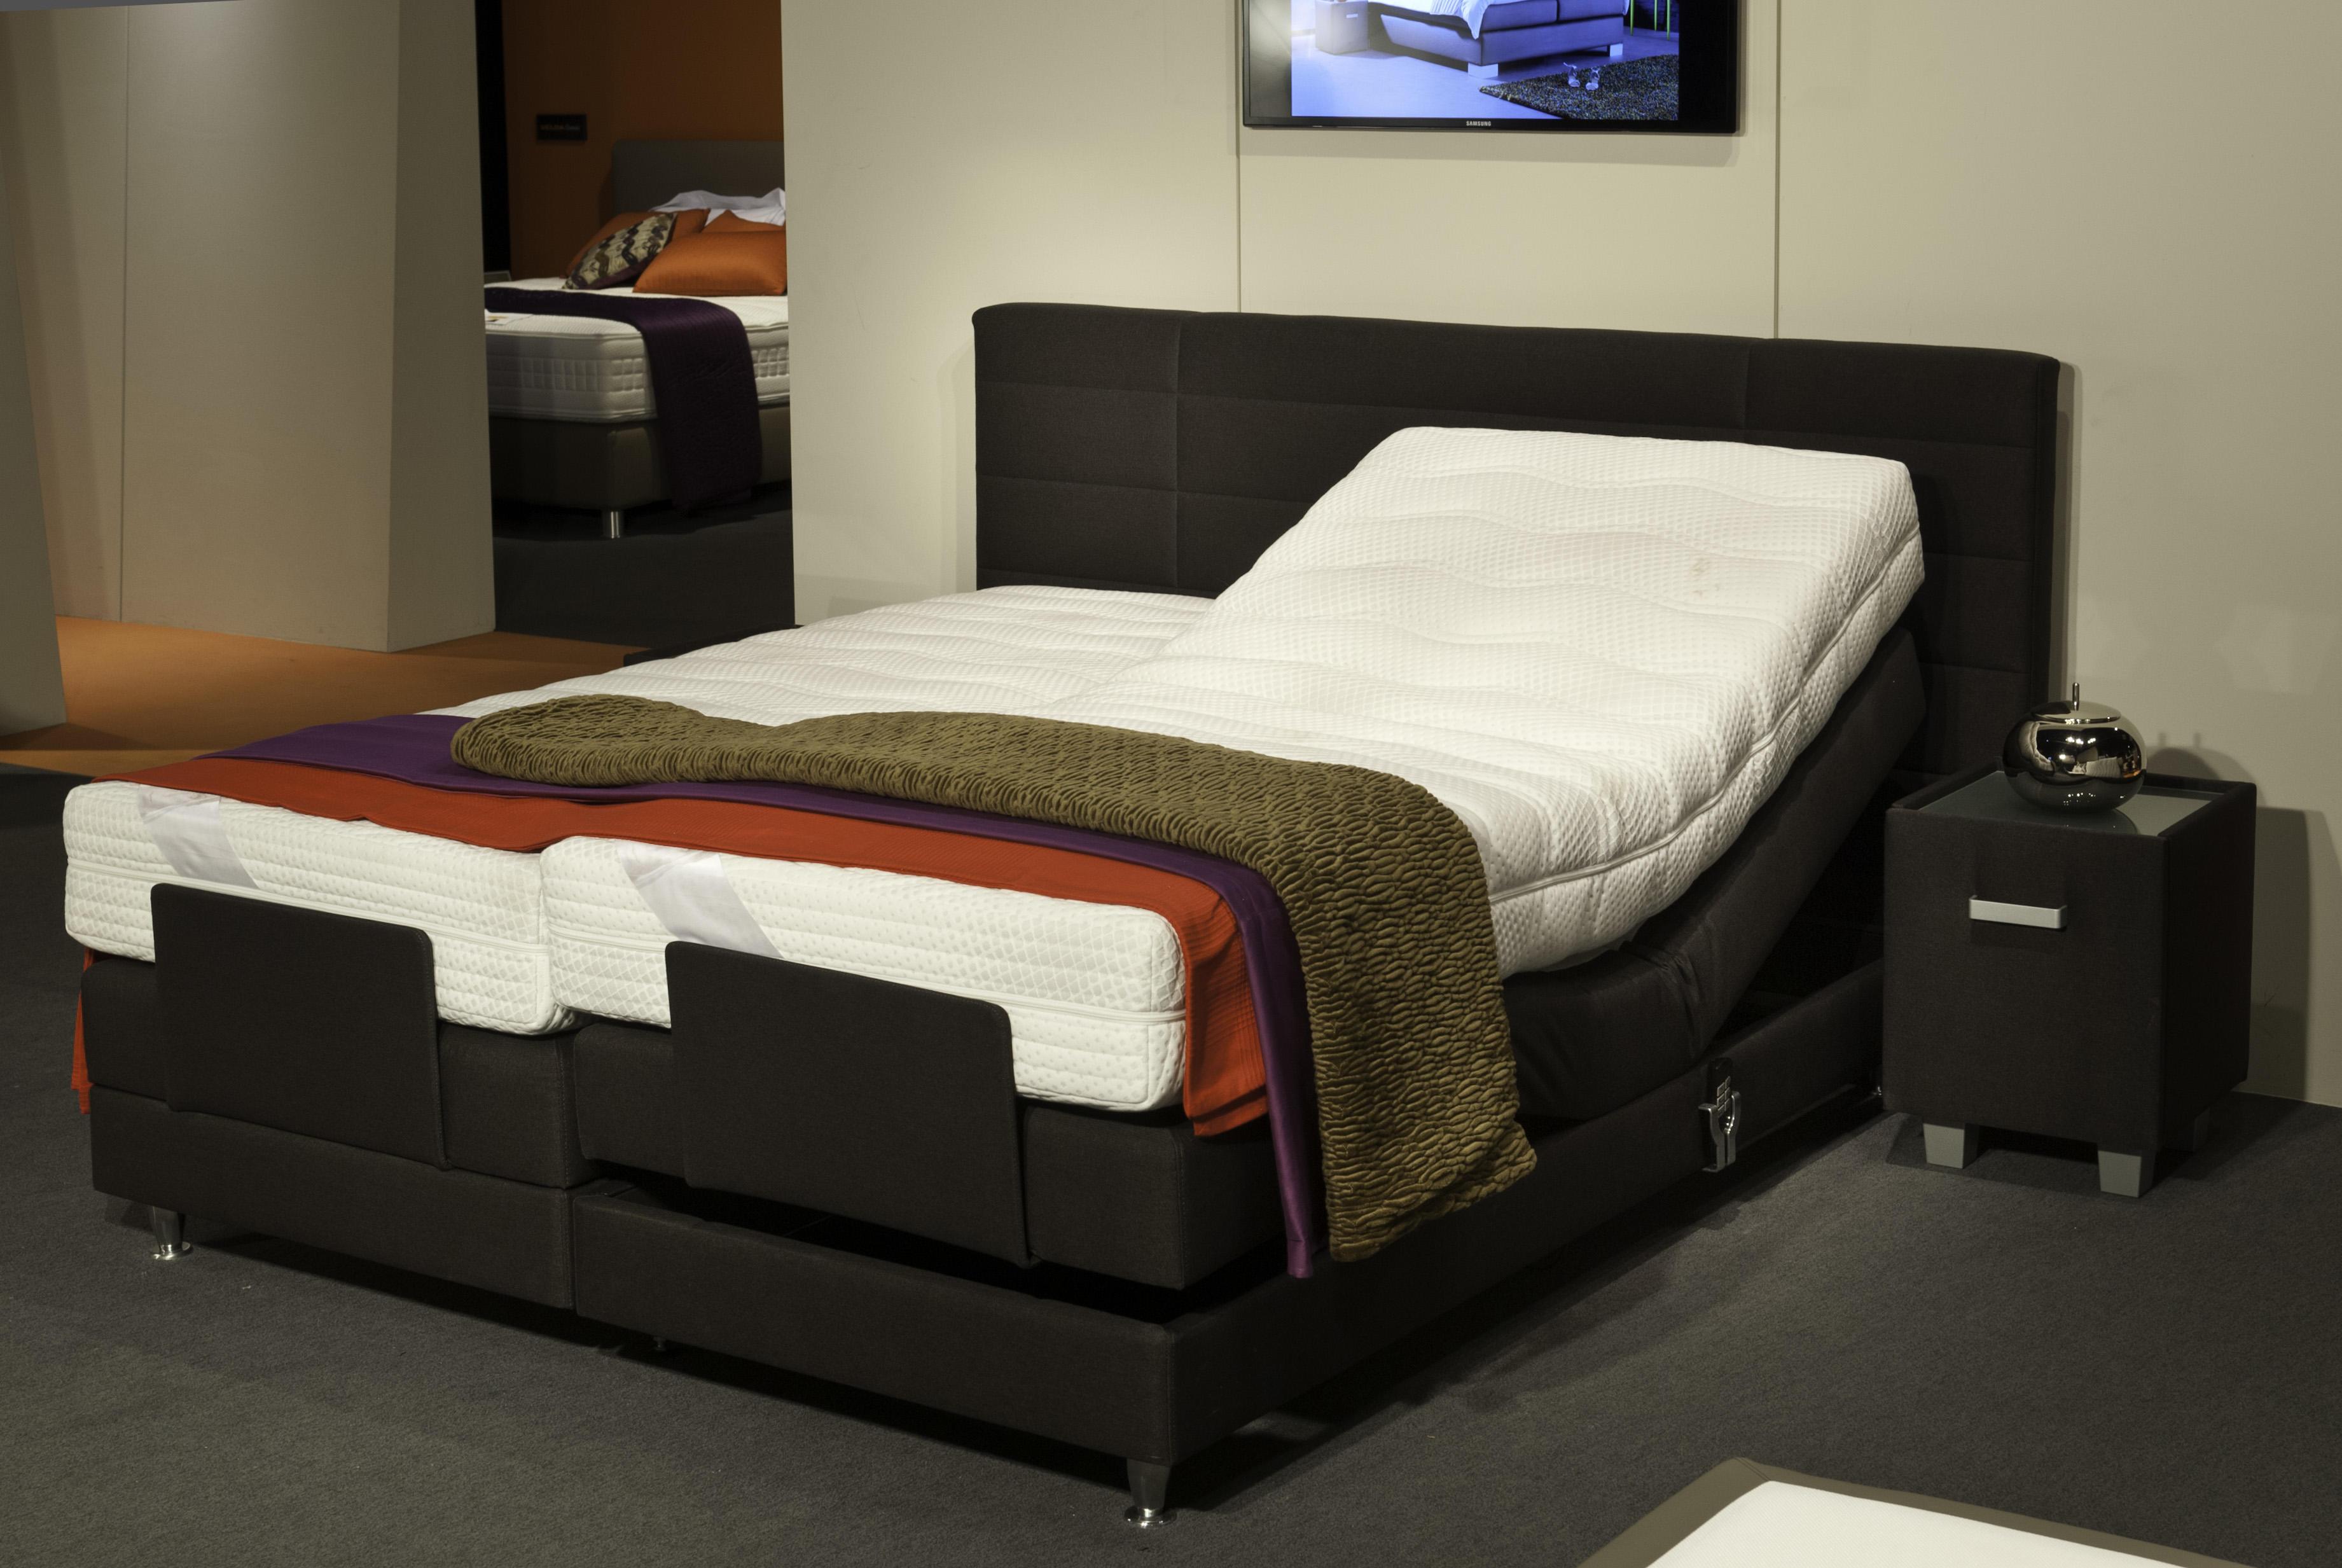 velda adjustable bed with ortho mattress. Black Bedroom Furniture Sets. Home Design Ideas